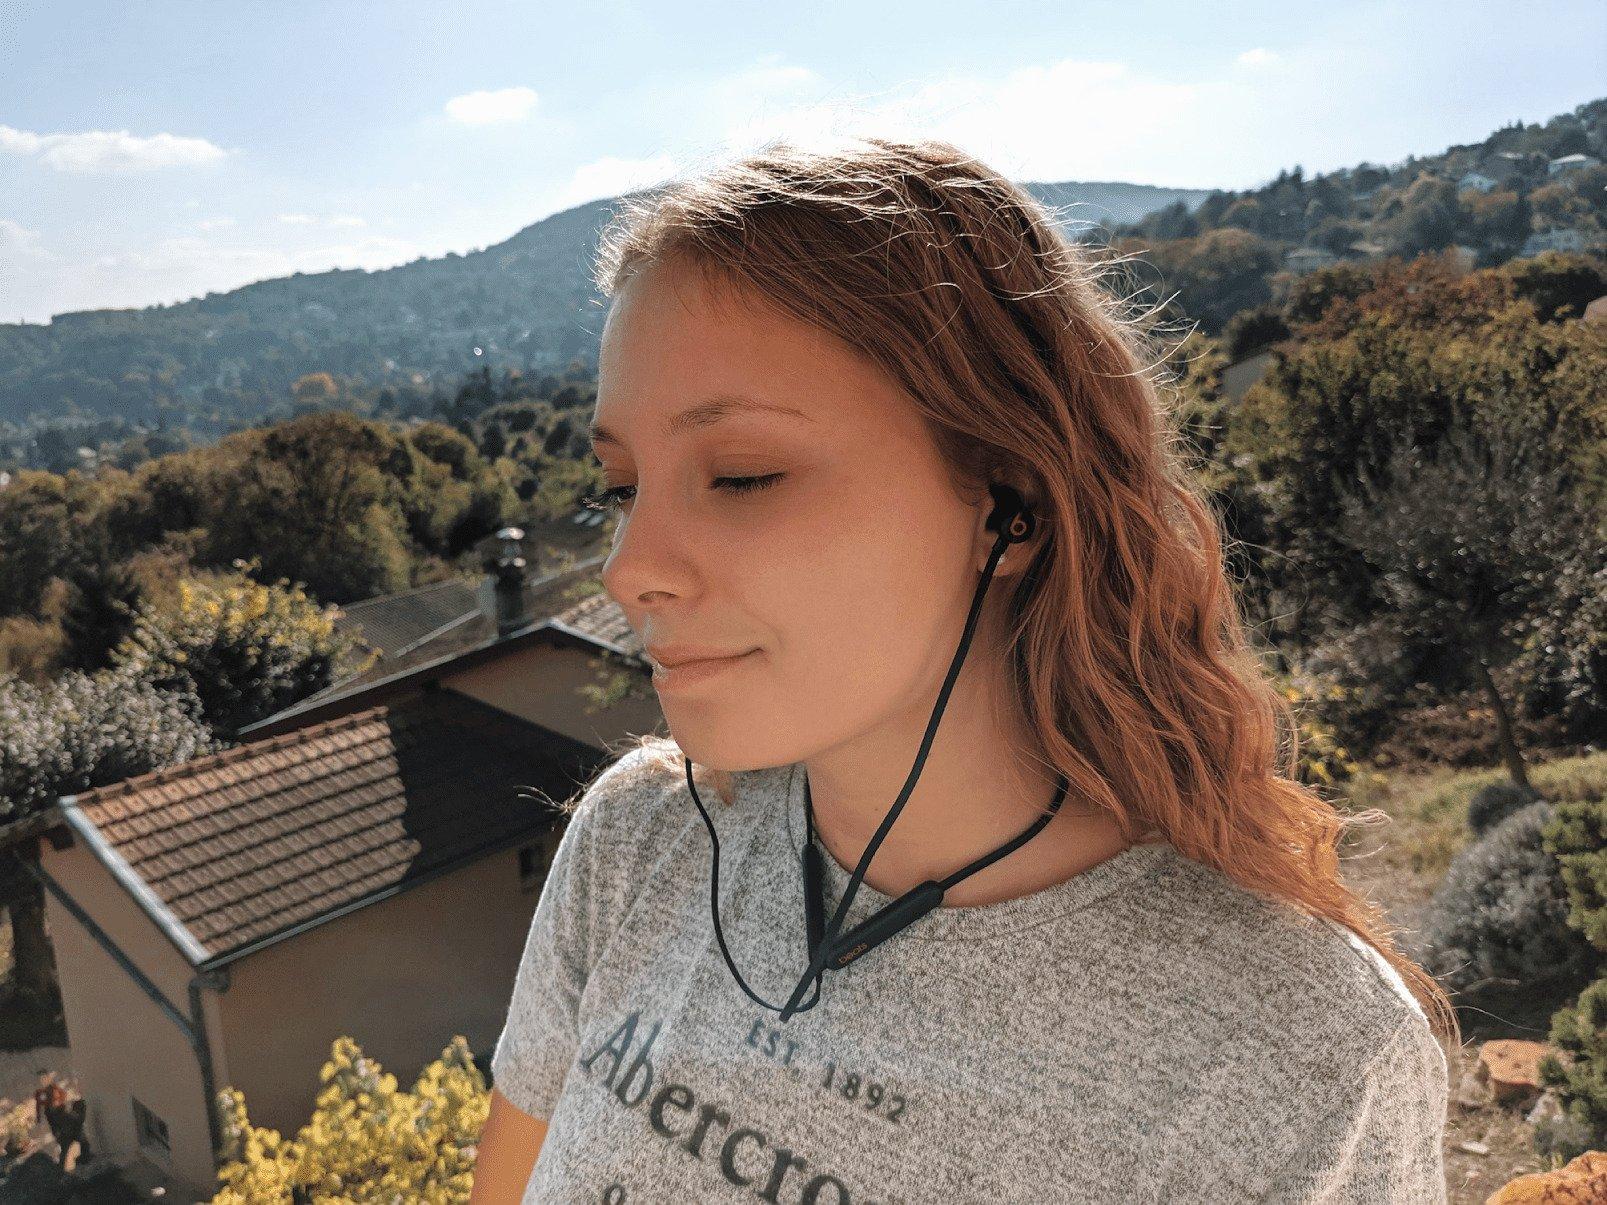 Test des Beats Flex : la puce Apple W1 à prix léger, mais un physique difficile à assumer